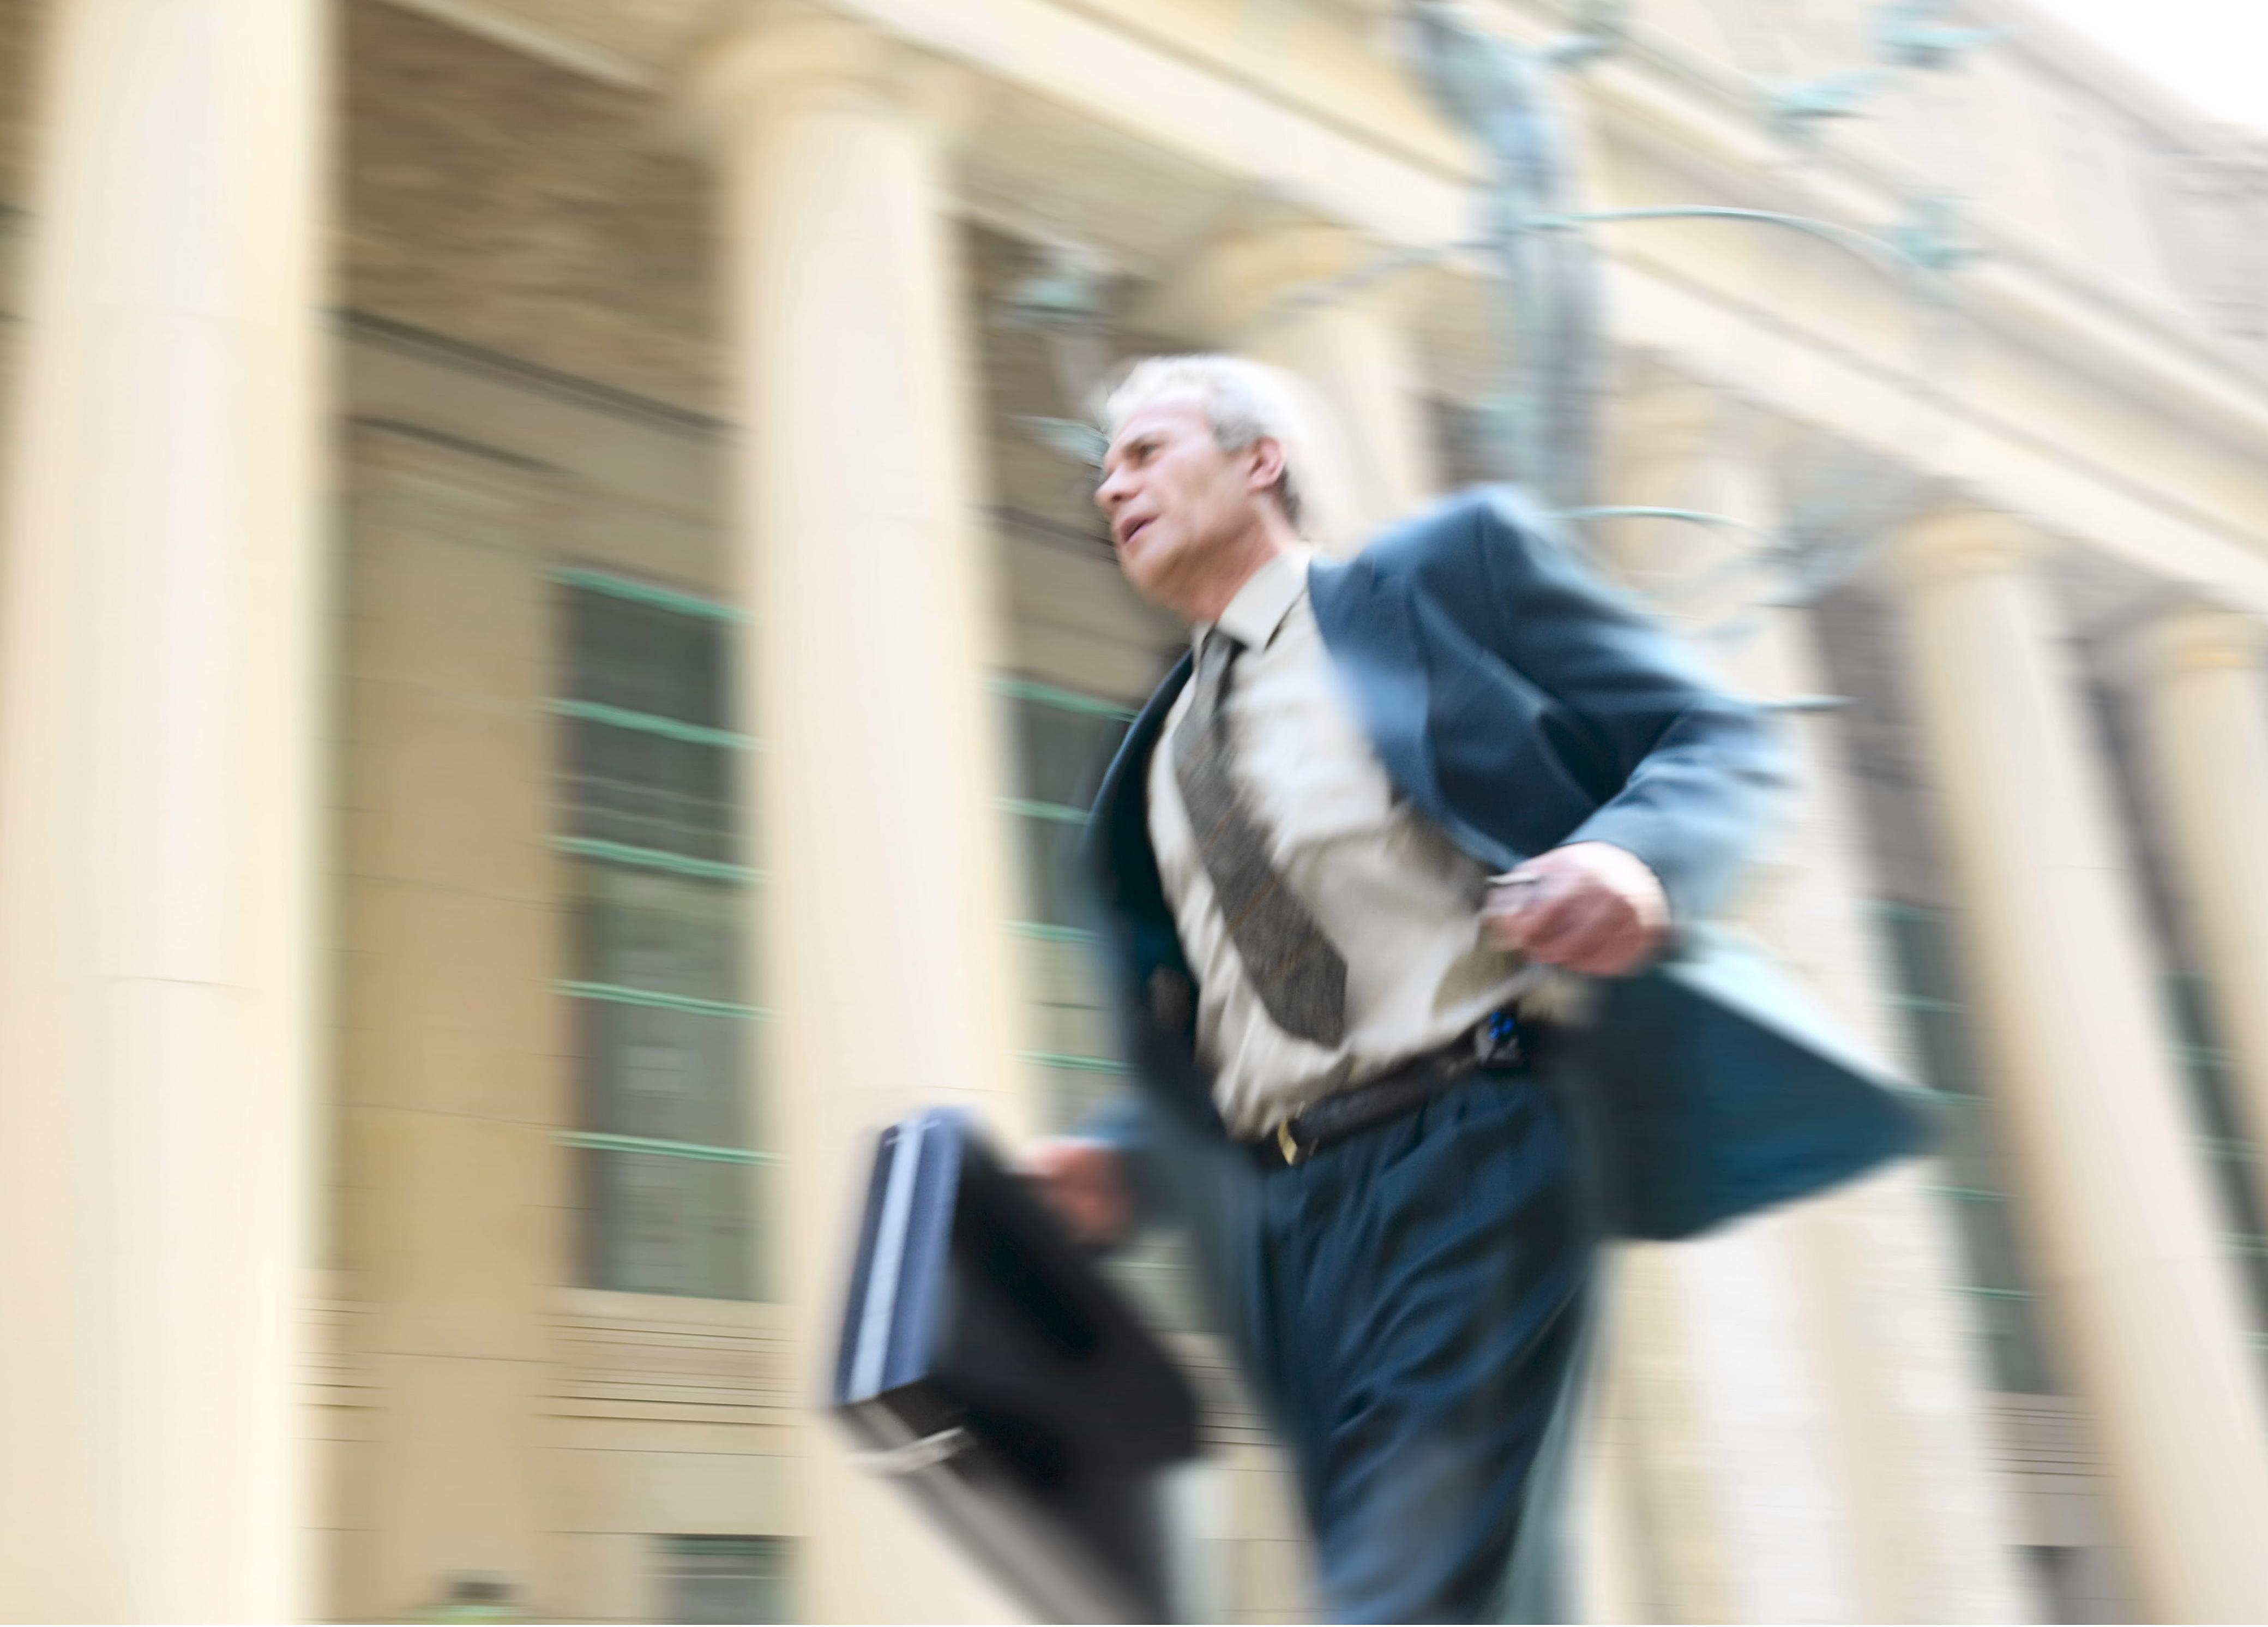 En äldre man i kostym springer stressad med en portfölj